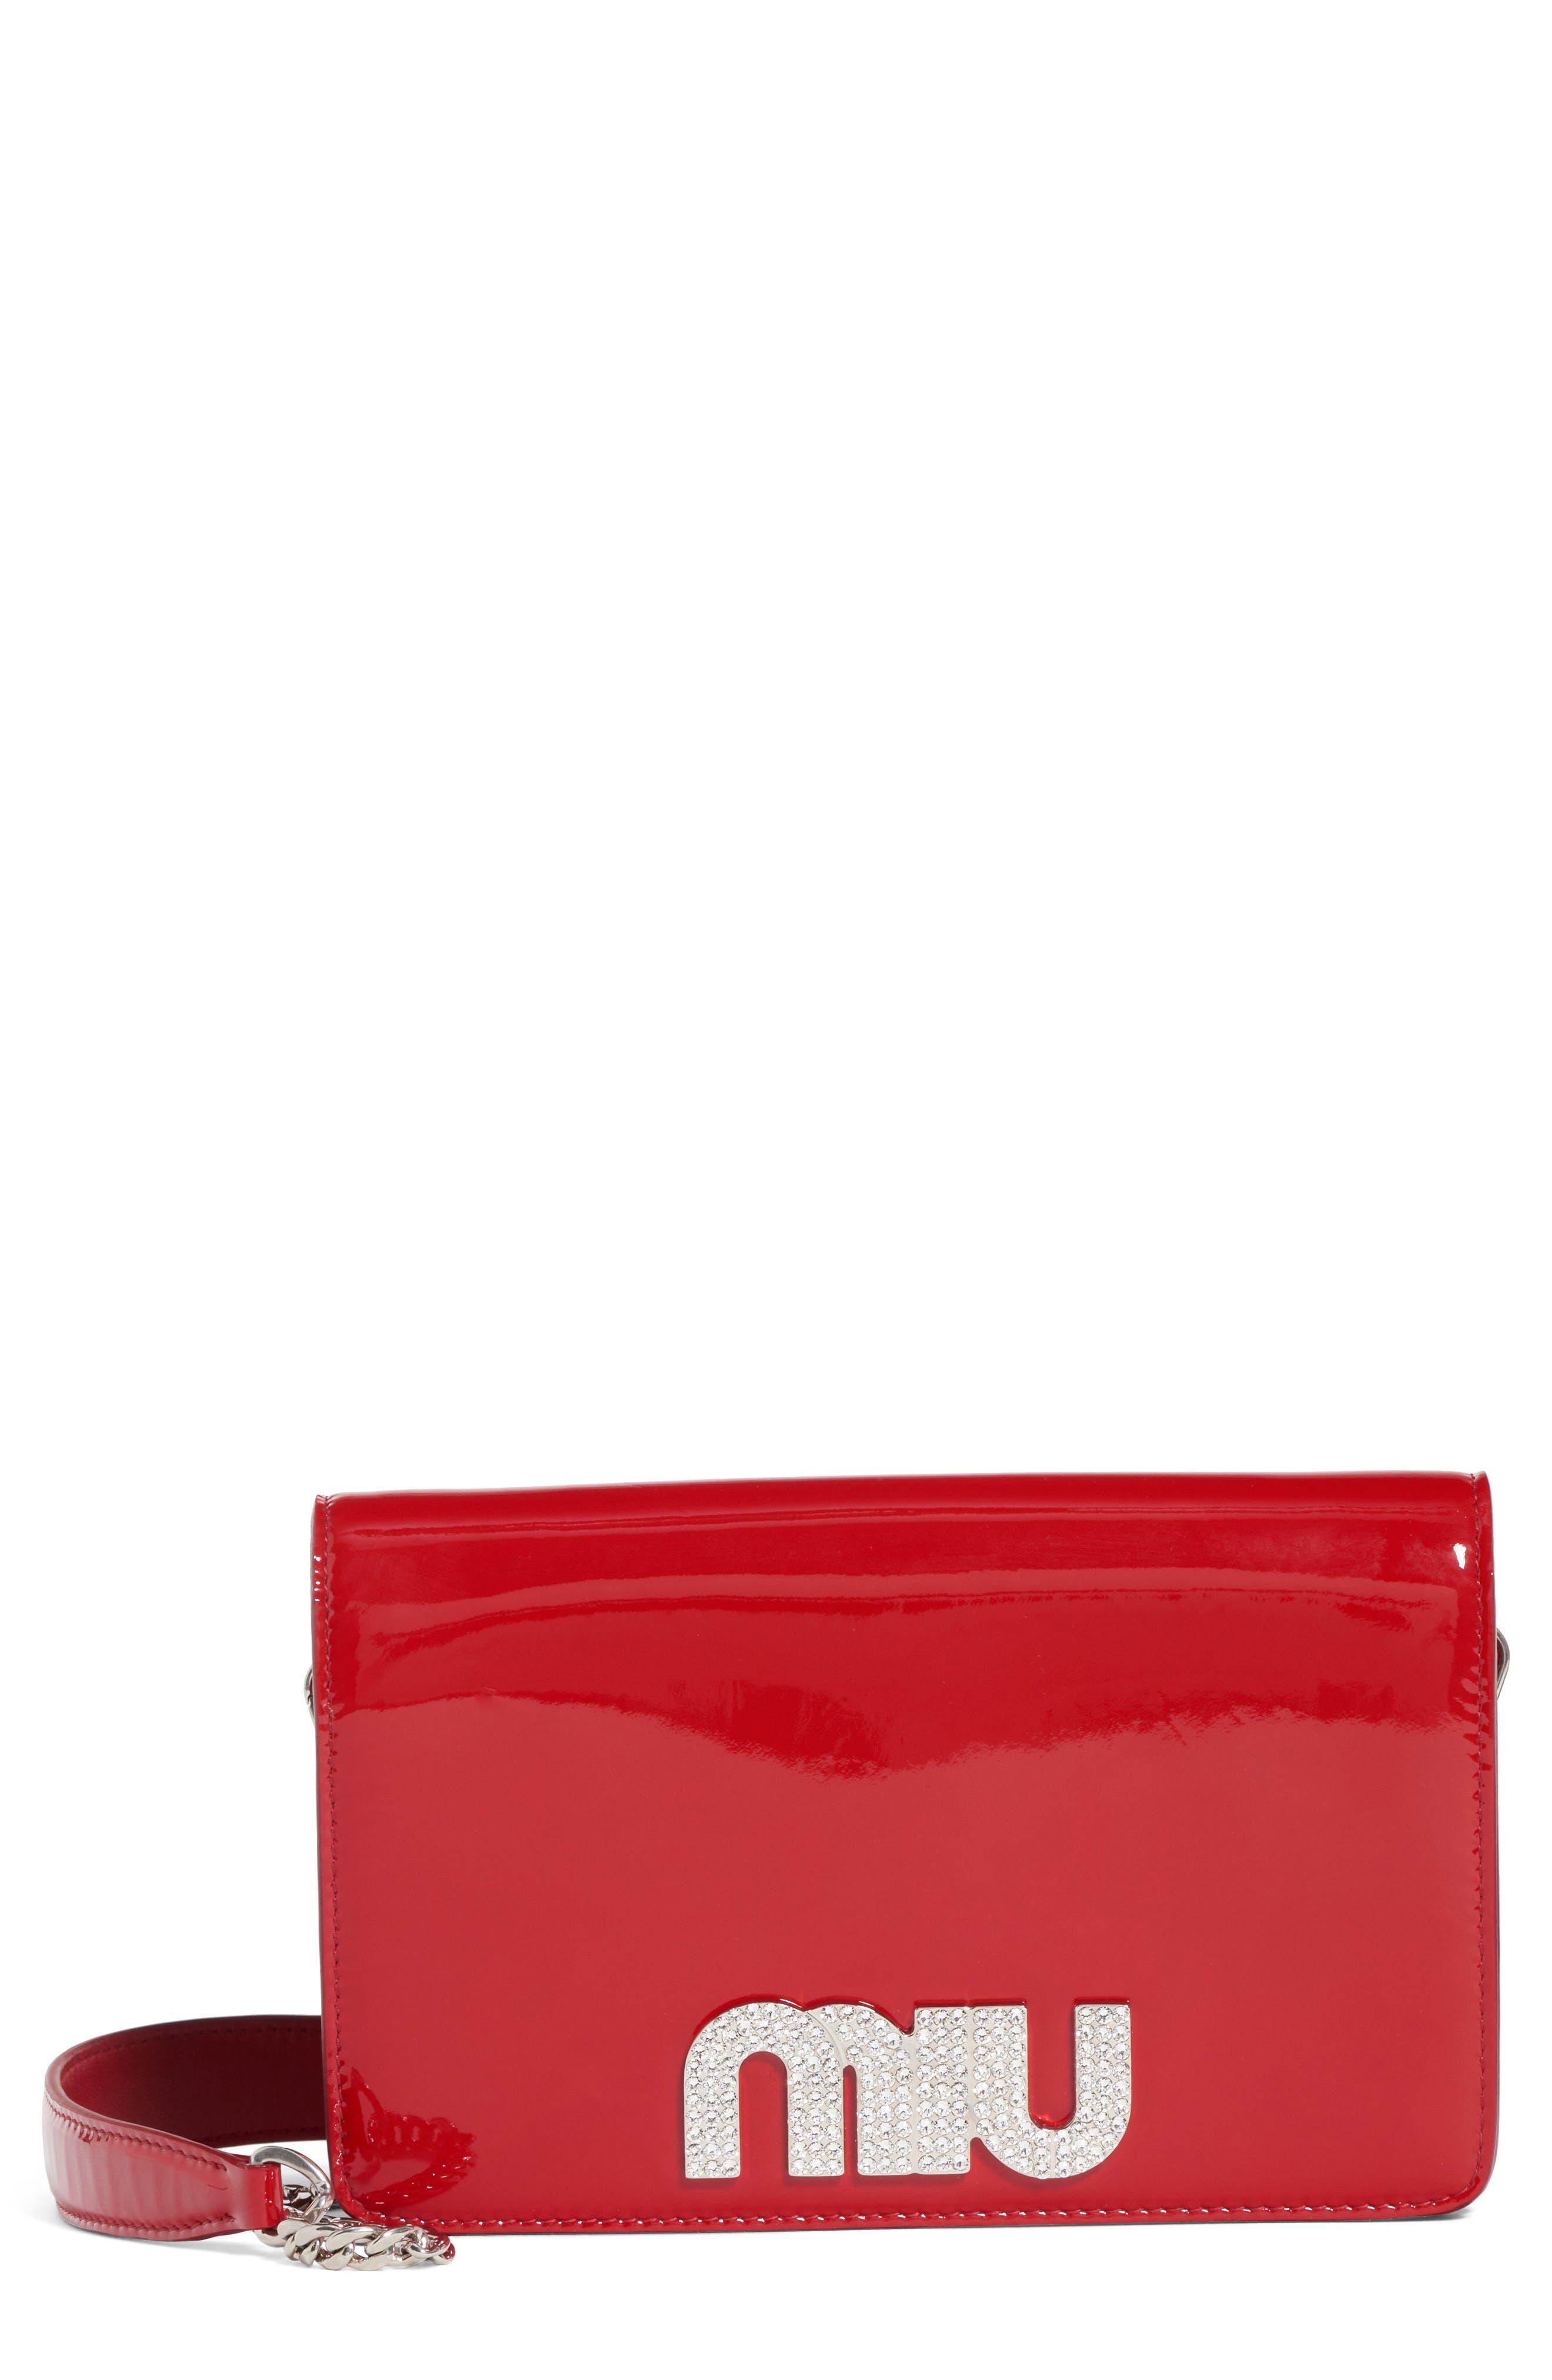 Vernice Crystal Logo Patent Leather Shoulder Bag,                         Main,                         color, 600